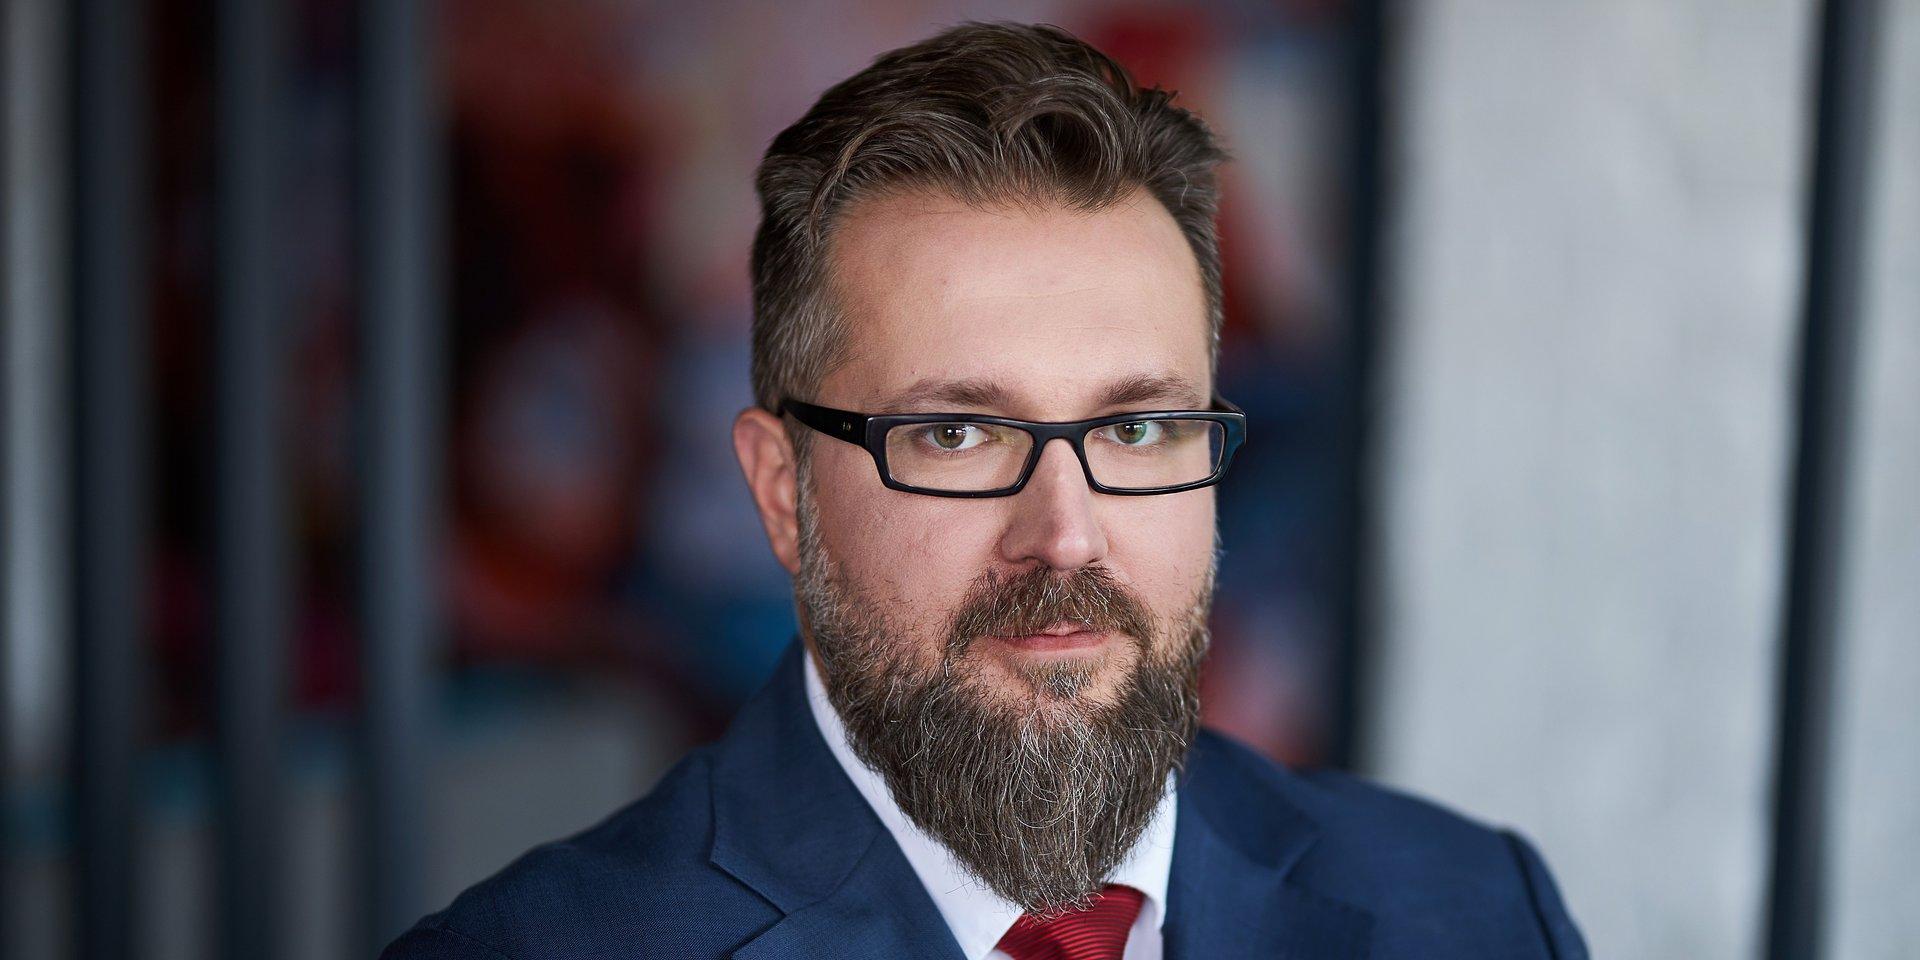 skandynawistyka, rusycystyka, stosunki międzynarodowe, turystyka: dr Maciej Zborowski